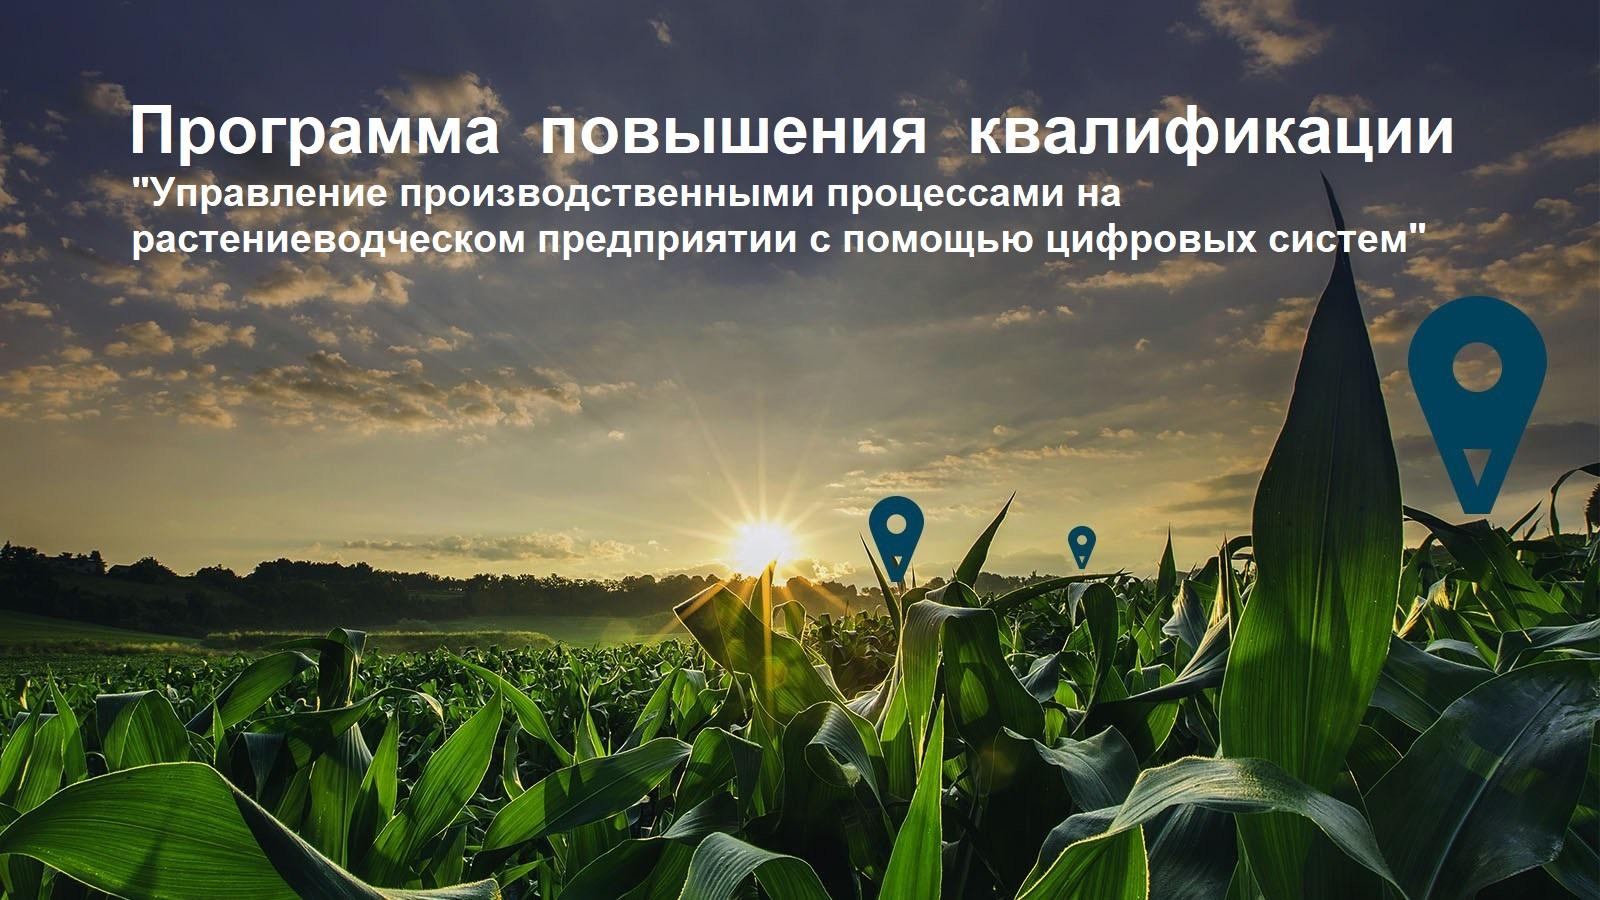 Обложка_ управление производственными процессами на растениеводческом предприятии с помощью цифровых систем